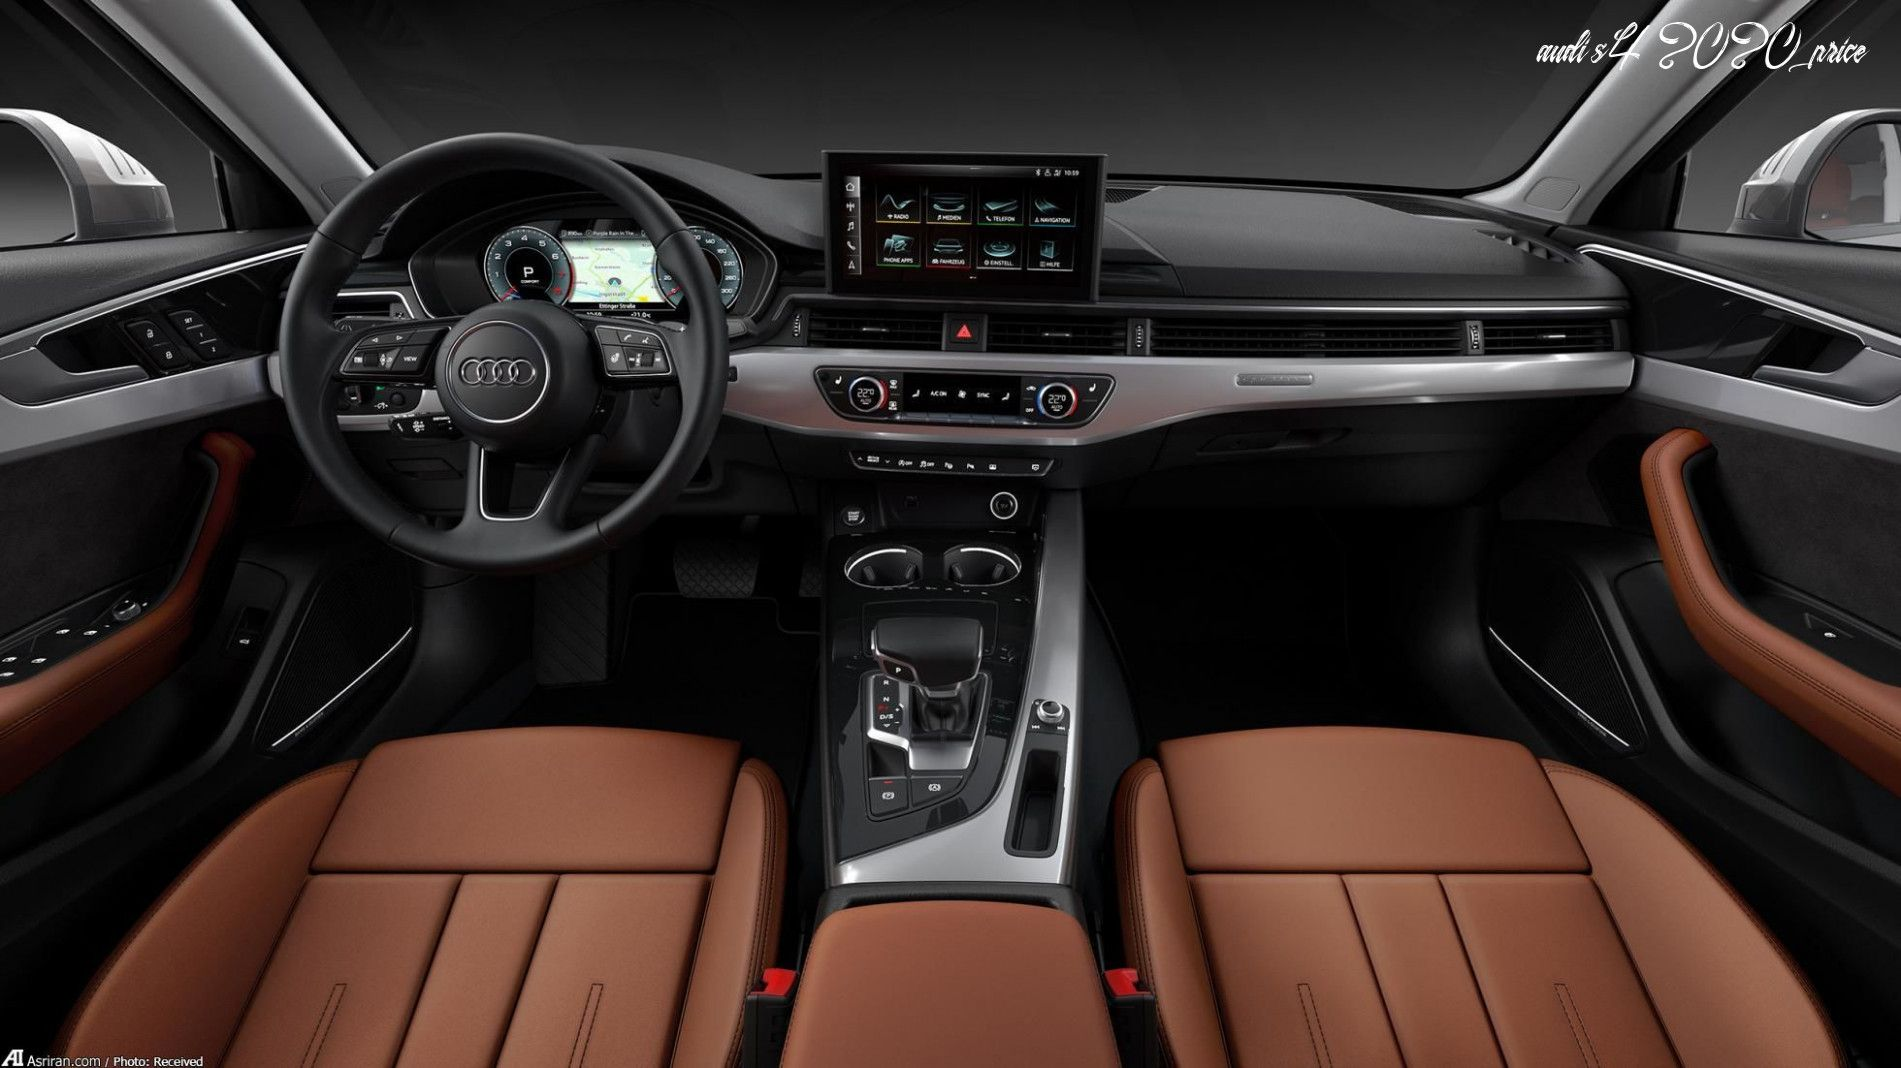 Audi S4 2020 Price In 2020 Audi A4 Audi A4 Avant Audi A4 Price